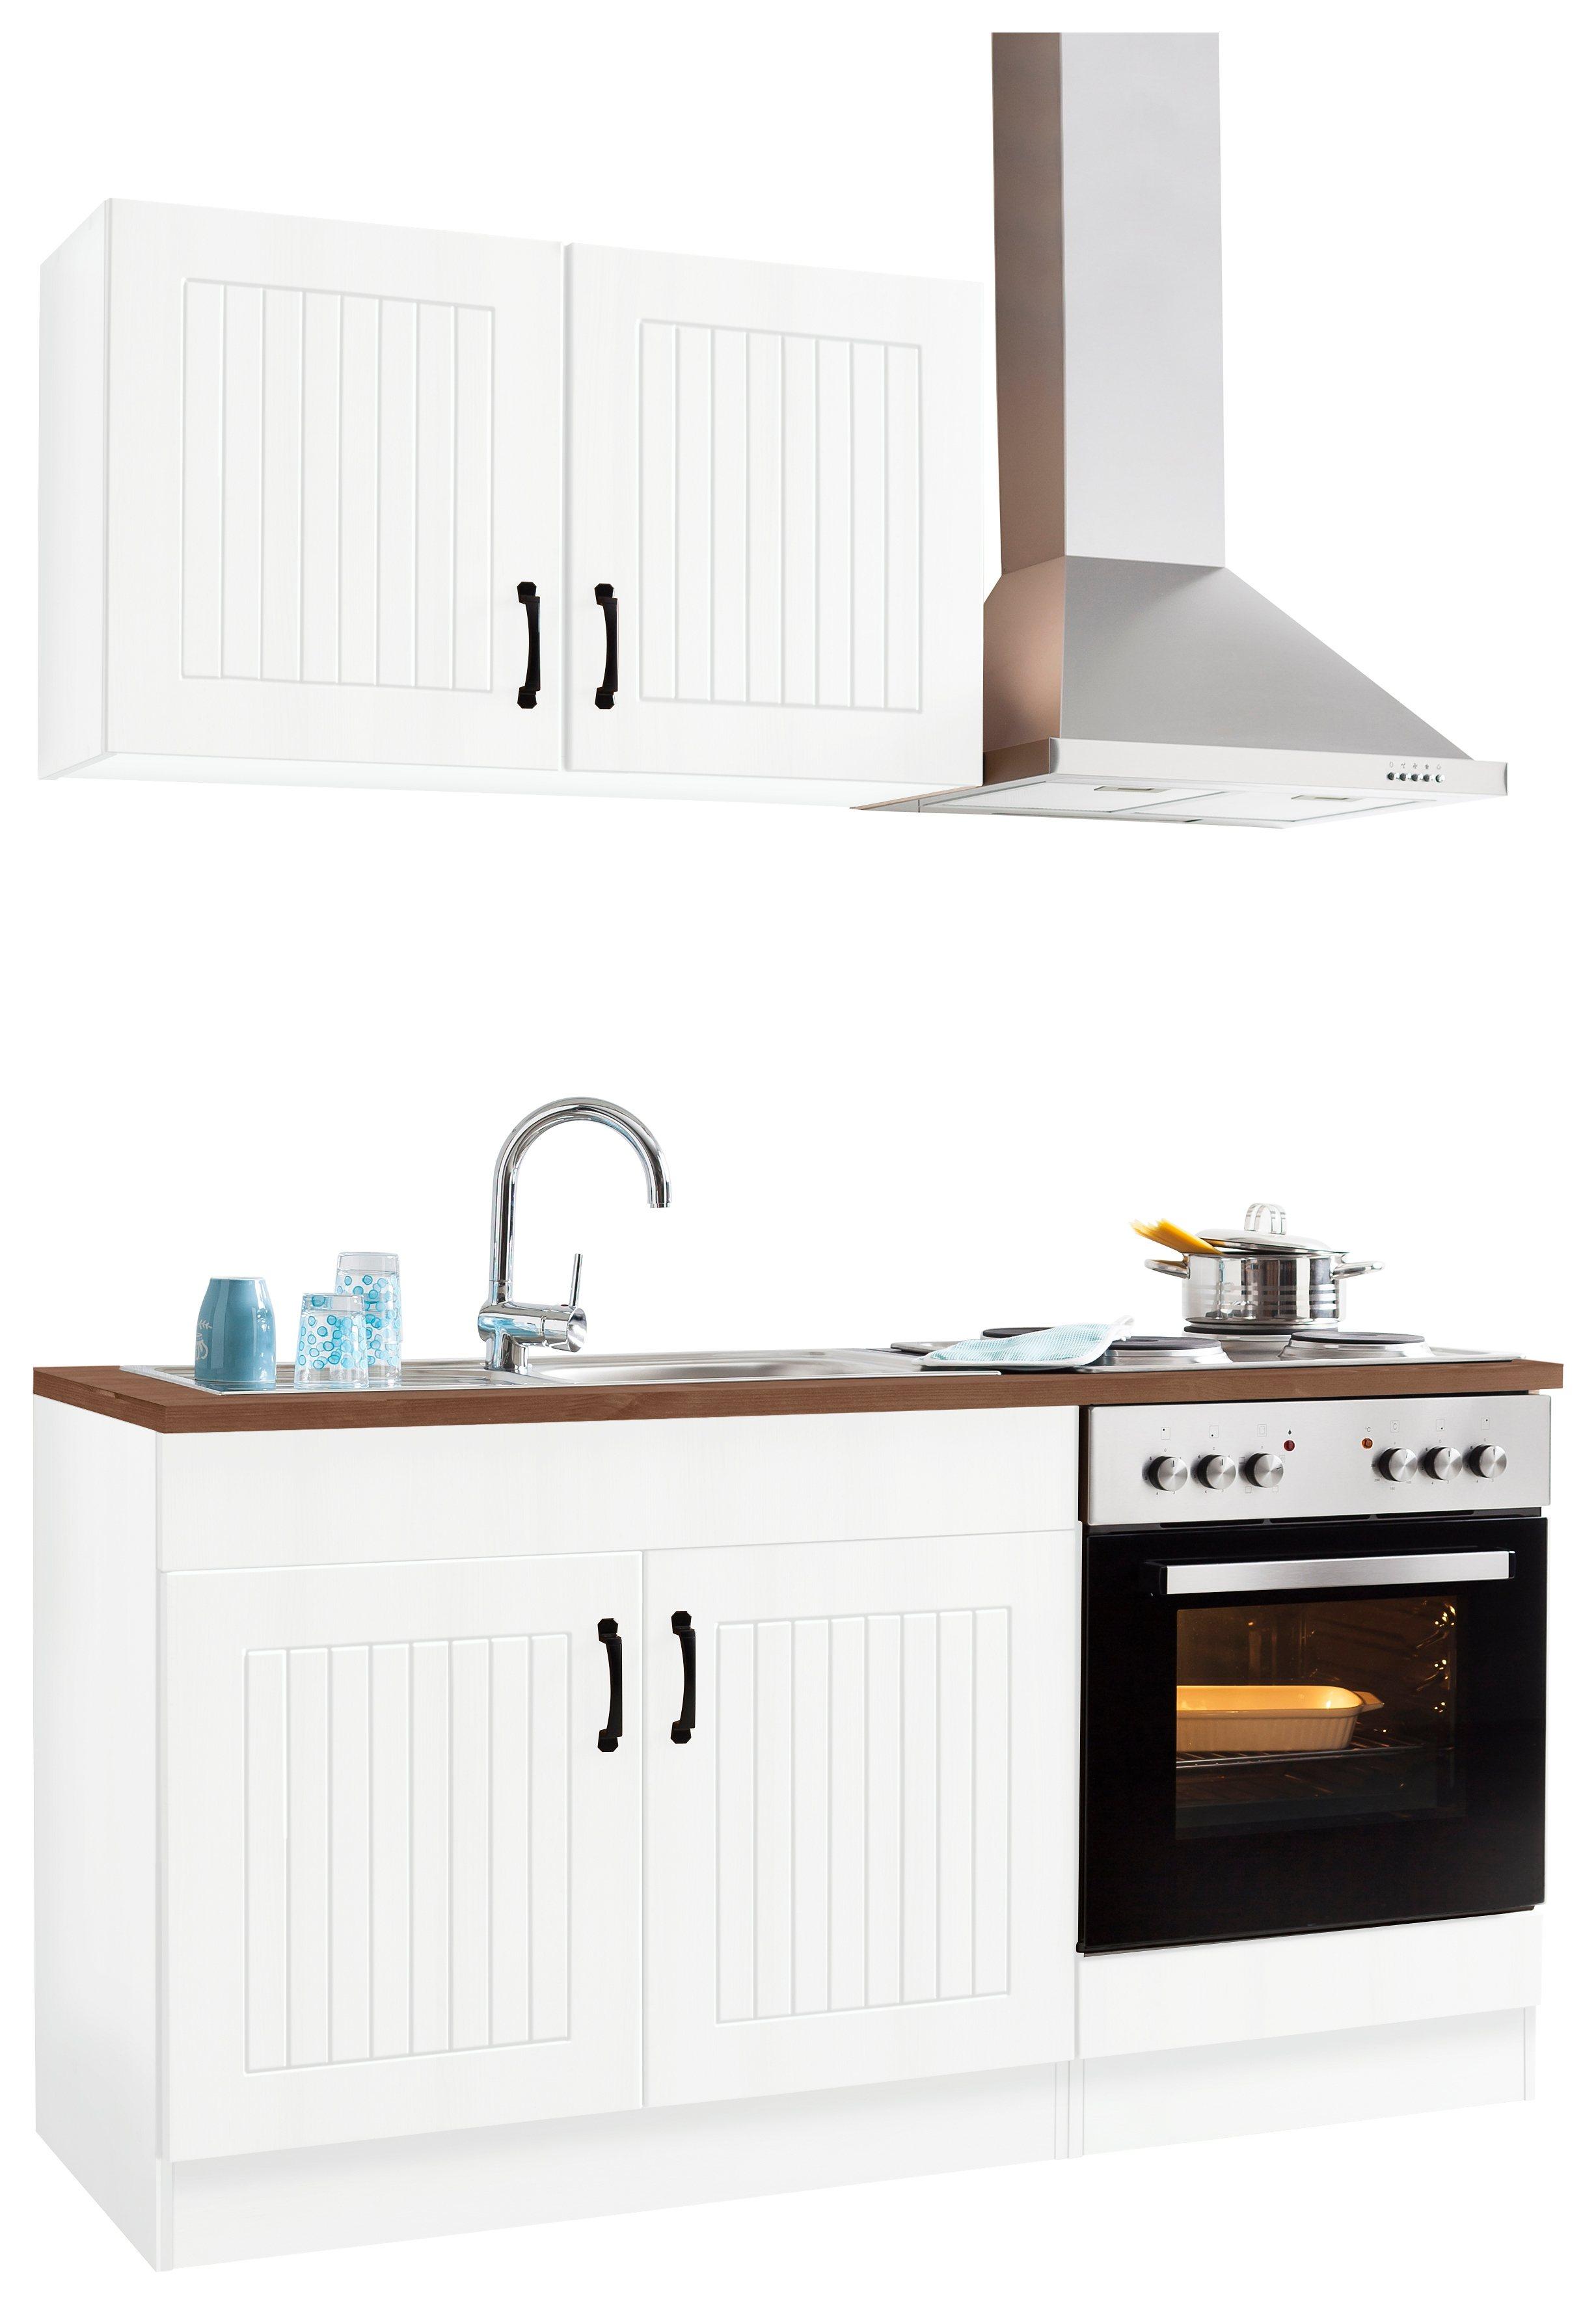 weiss Küchenzeilen online kaufen | Möbel-Suchmaschine | ladendirekt.de